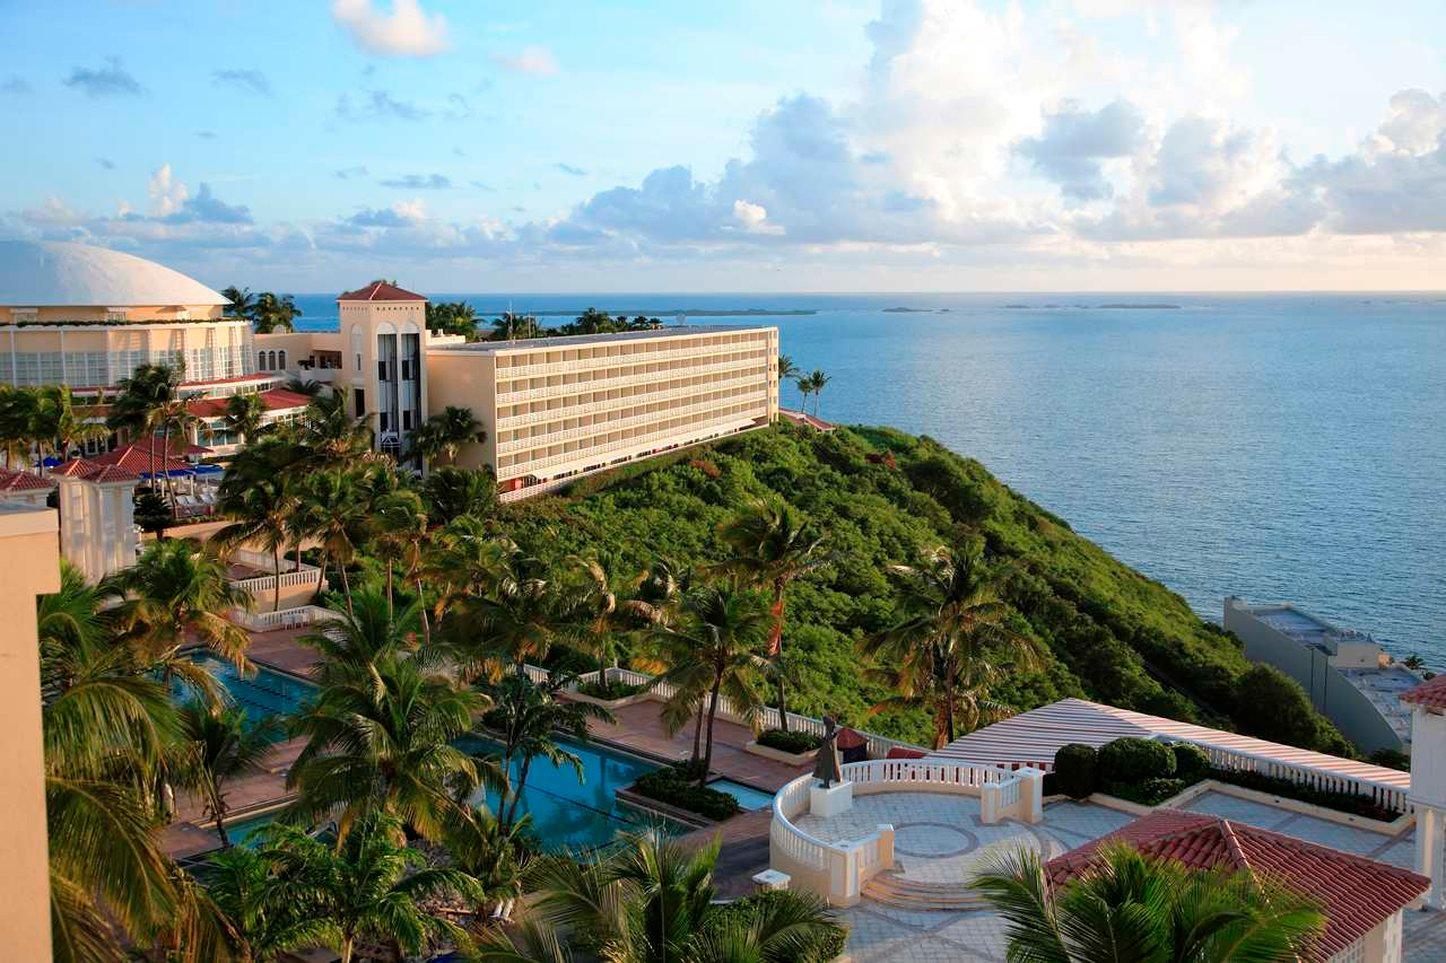 El Conquistador Resort, A Waldorf Astoria Resort